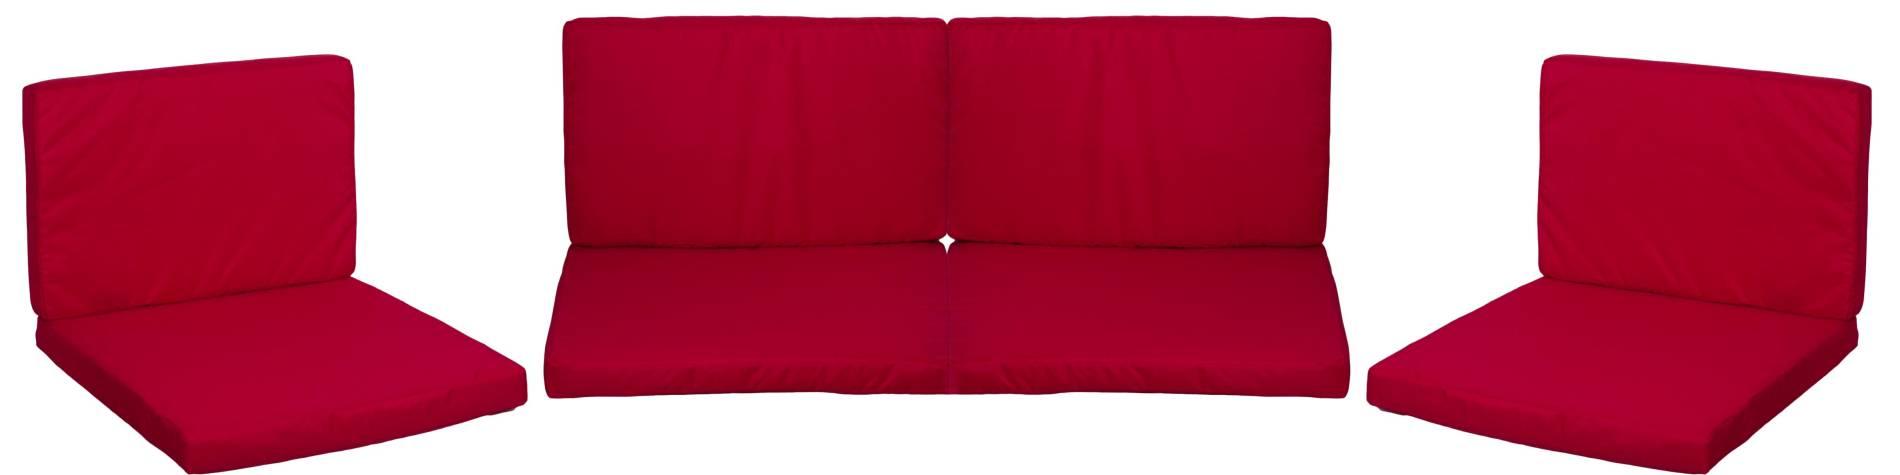 Gartenstuhlkissen 5cm dick in rot für Monaco Lounge Gruppen wasserabweisend